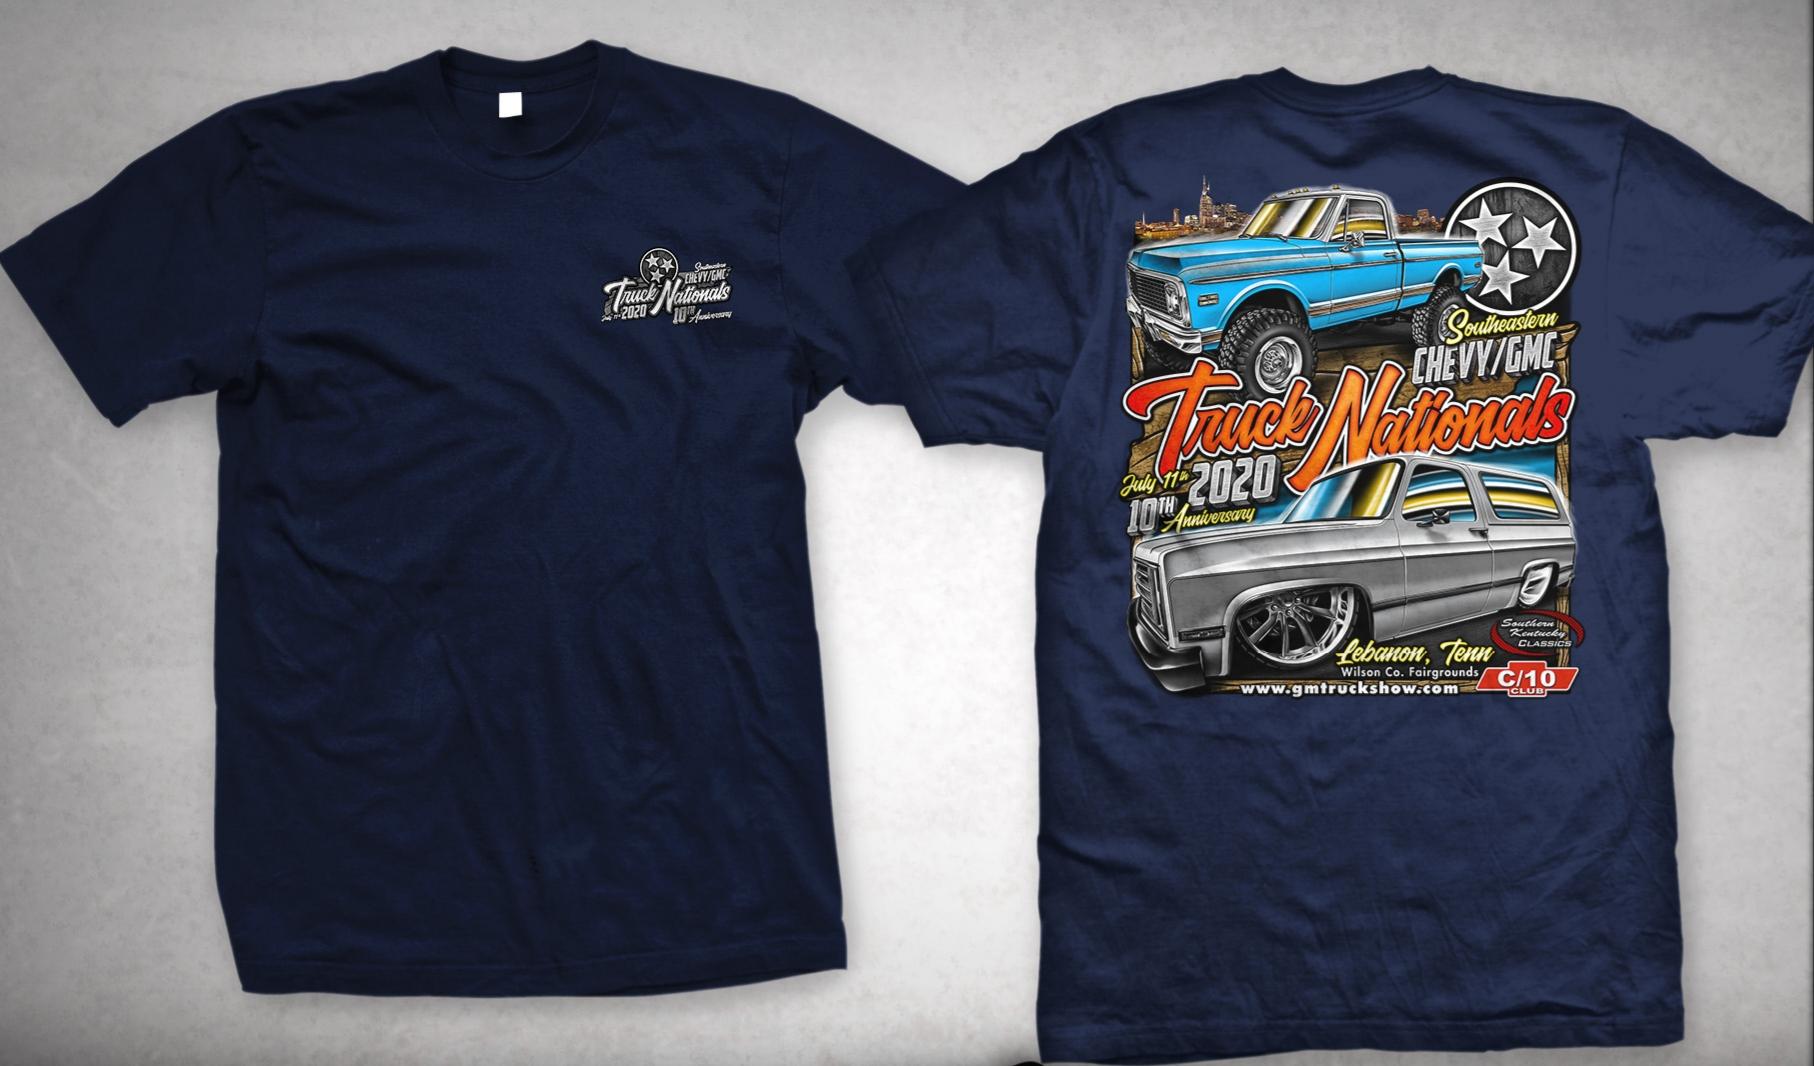 2020 SETN shirt